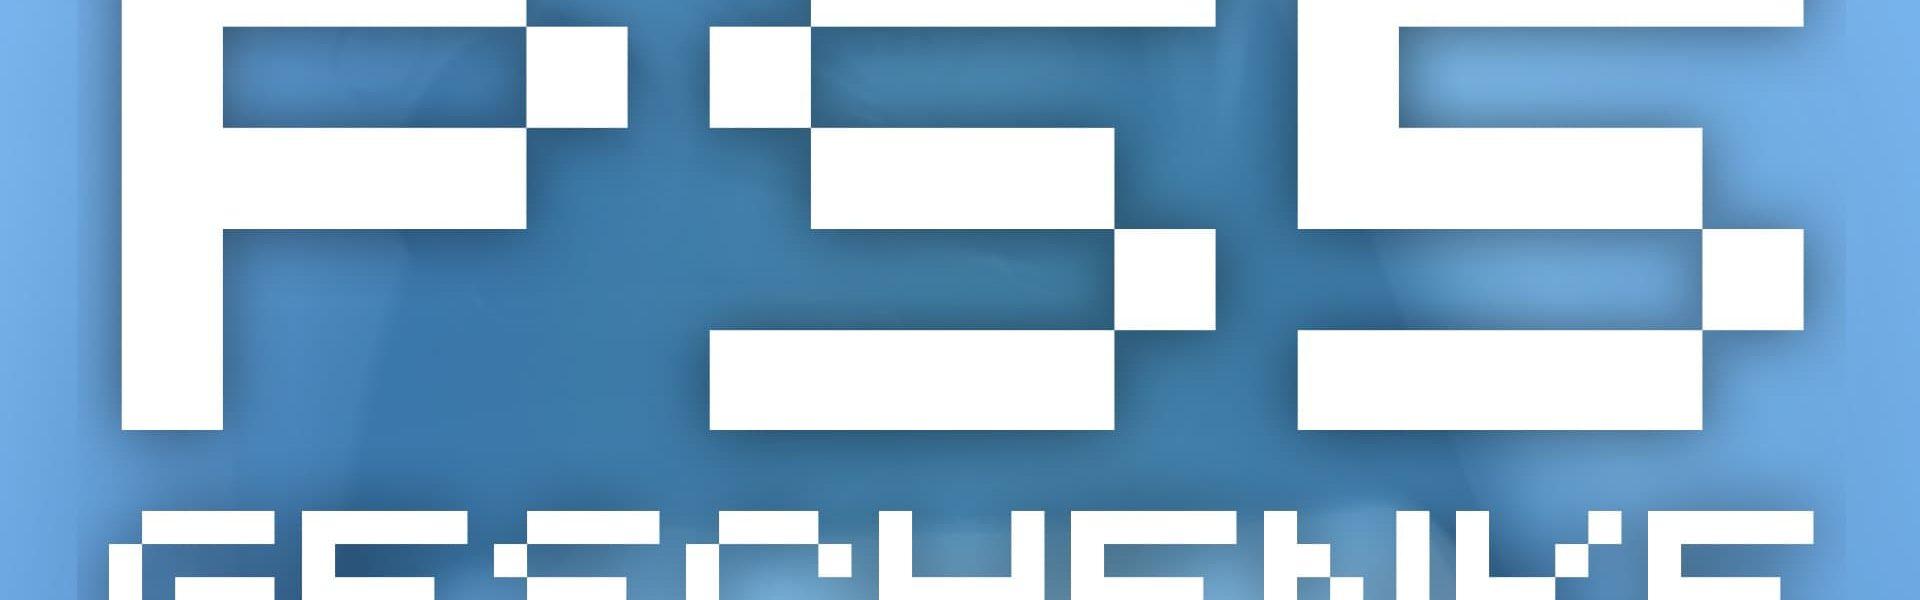 PlayStation 5 Zubehör